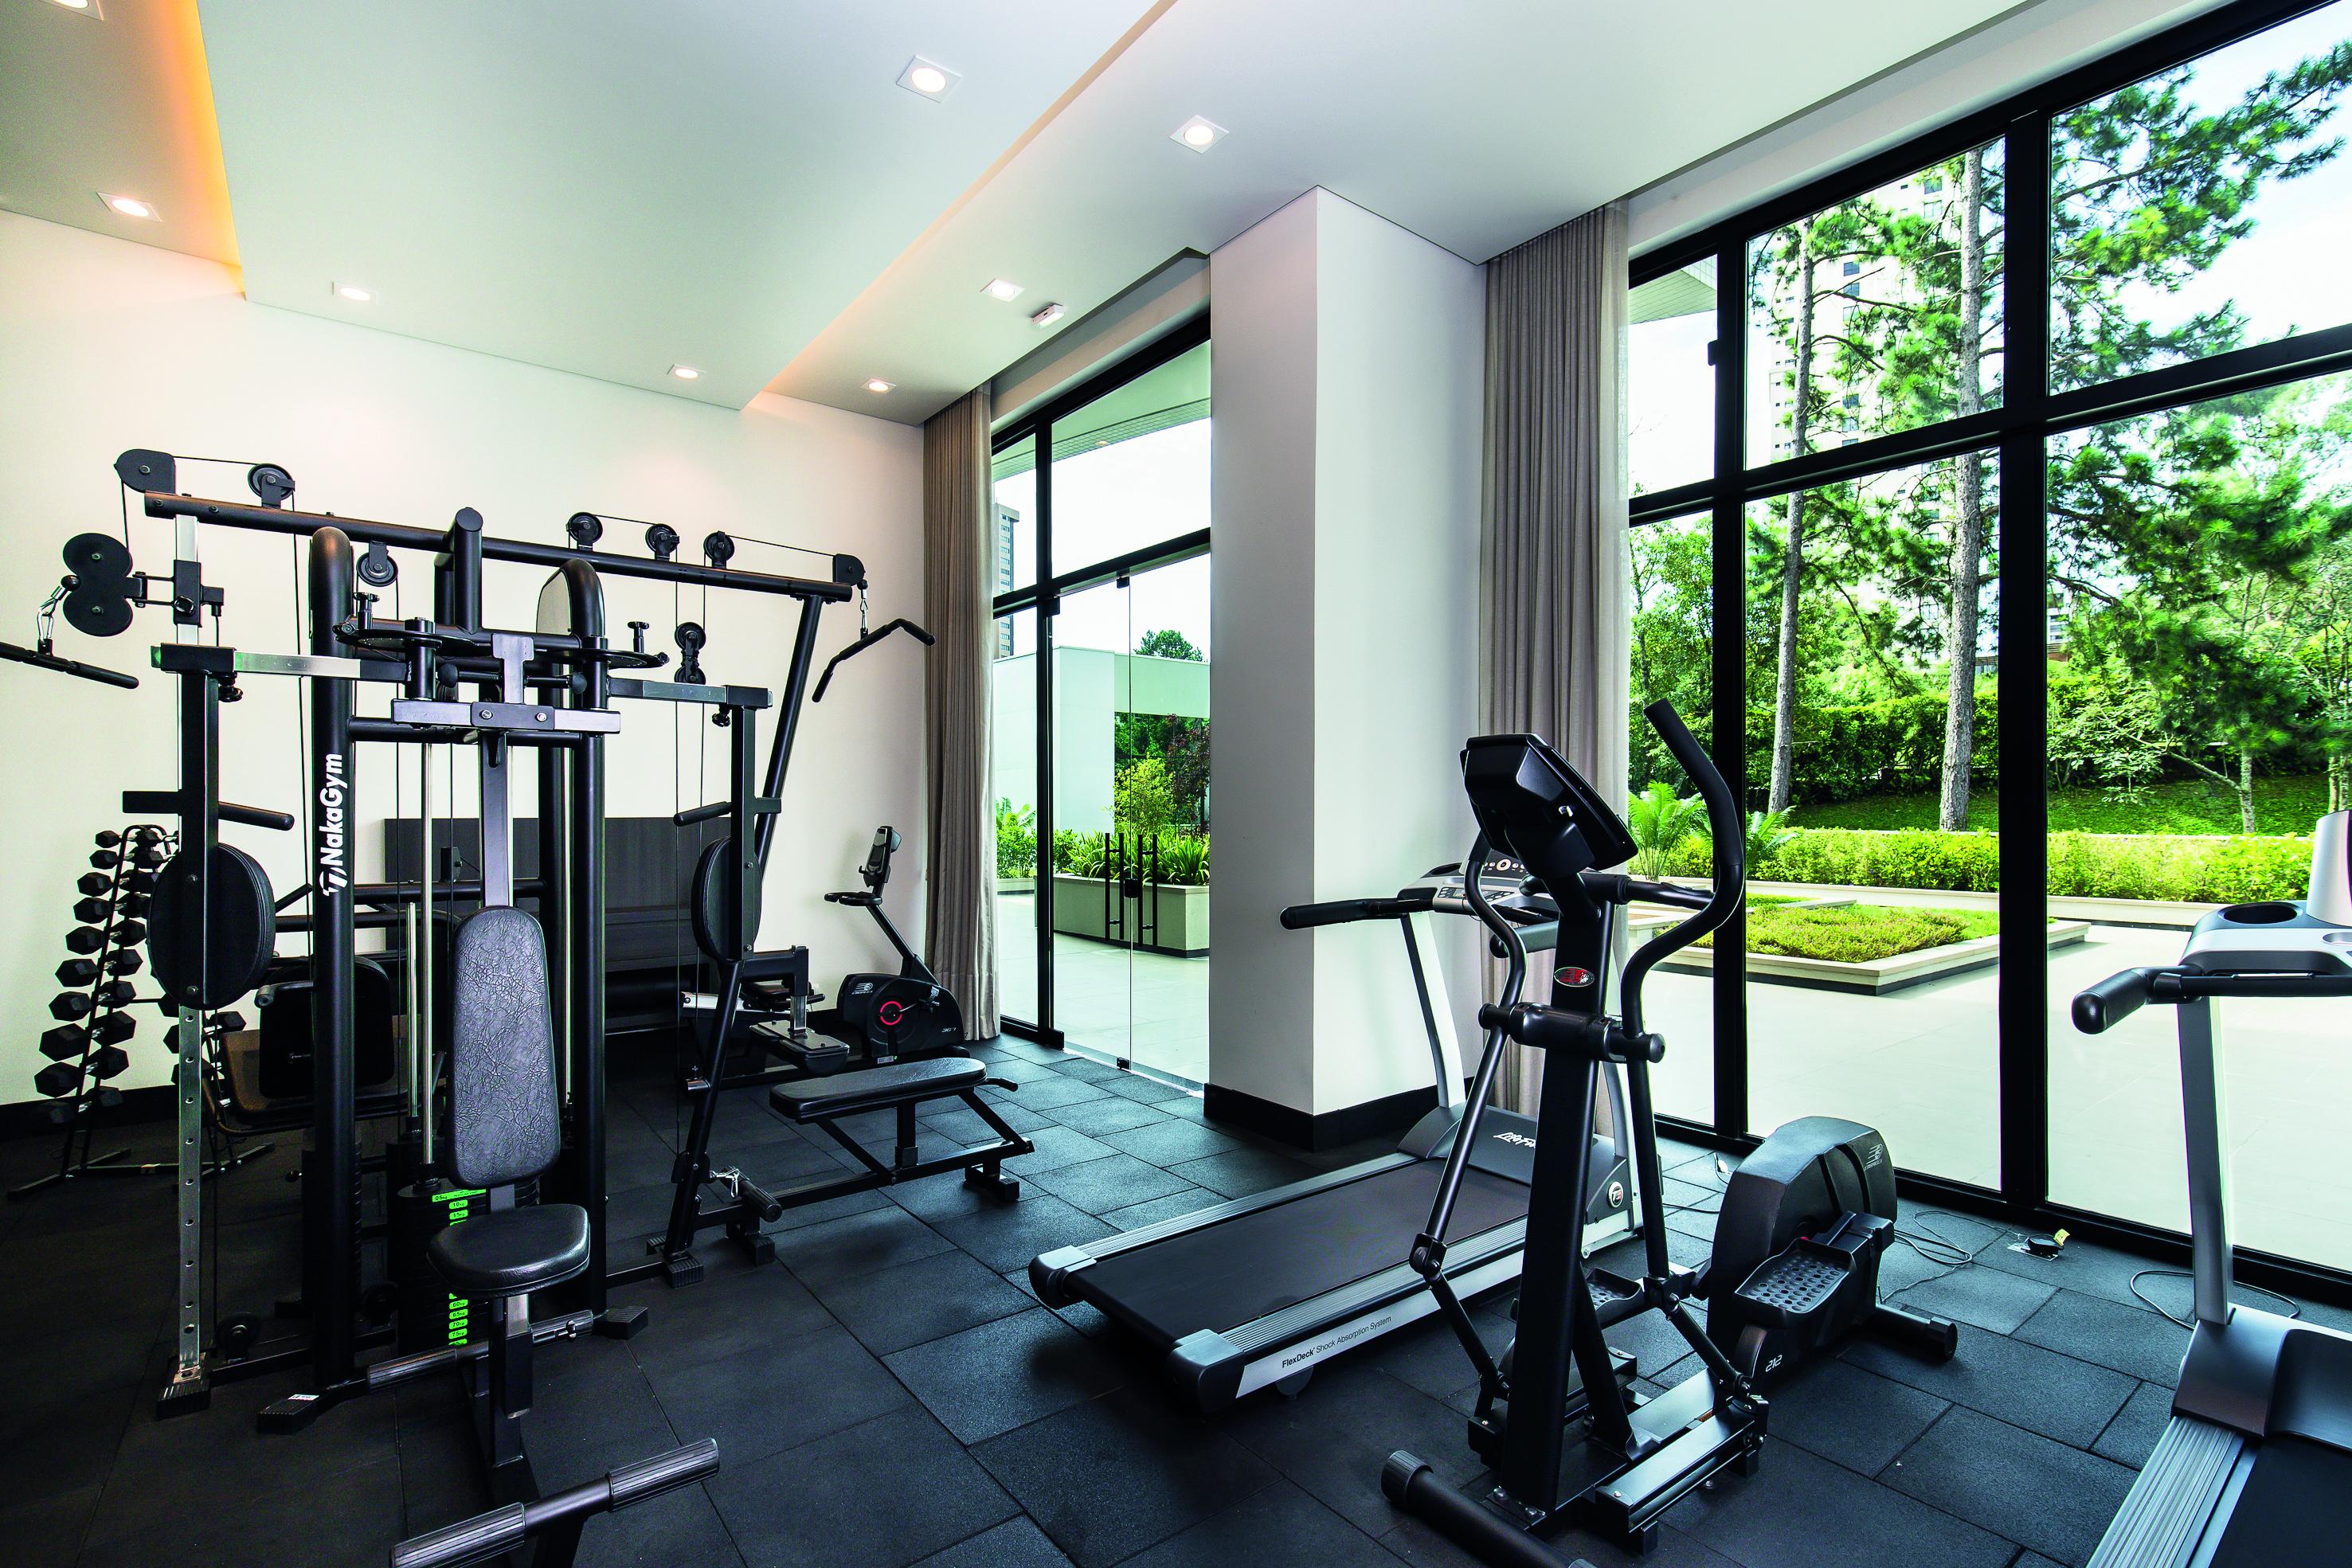 Esportes no condomínio: as vantagens de contar com estrutura para atividades físicas